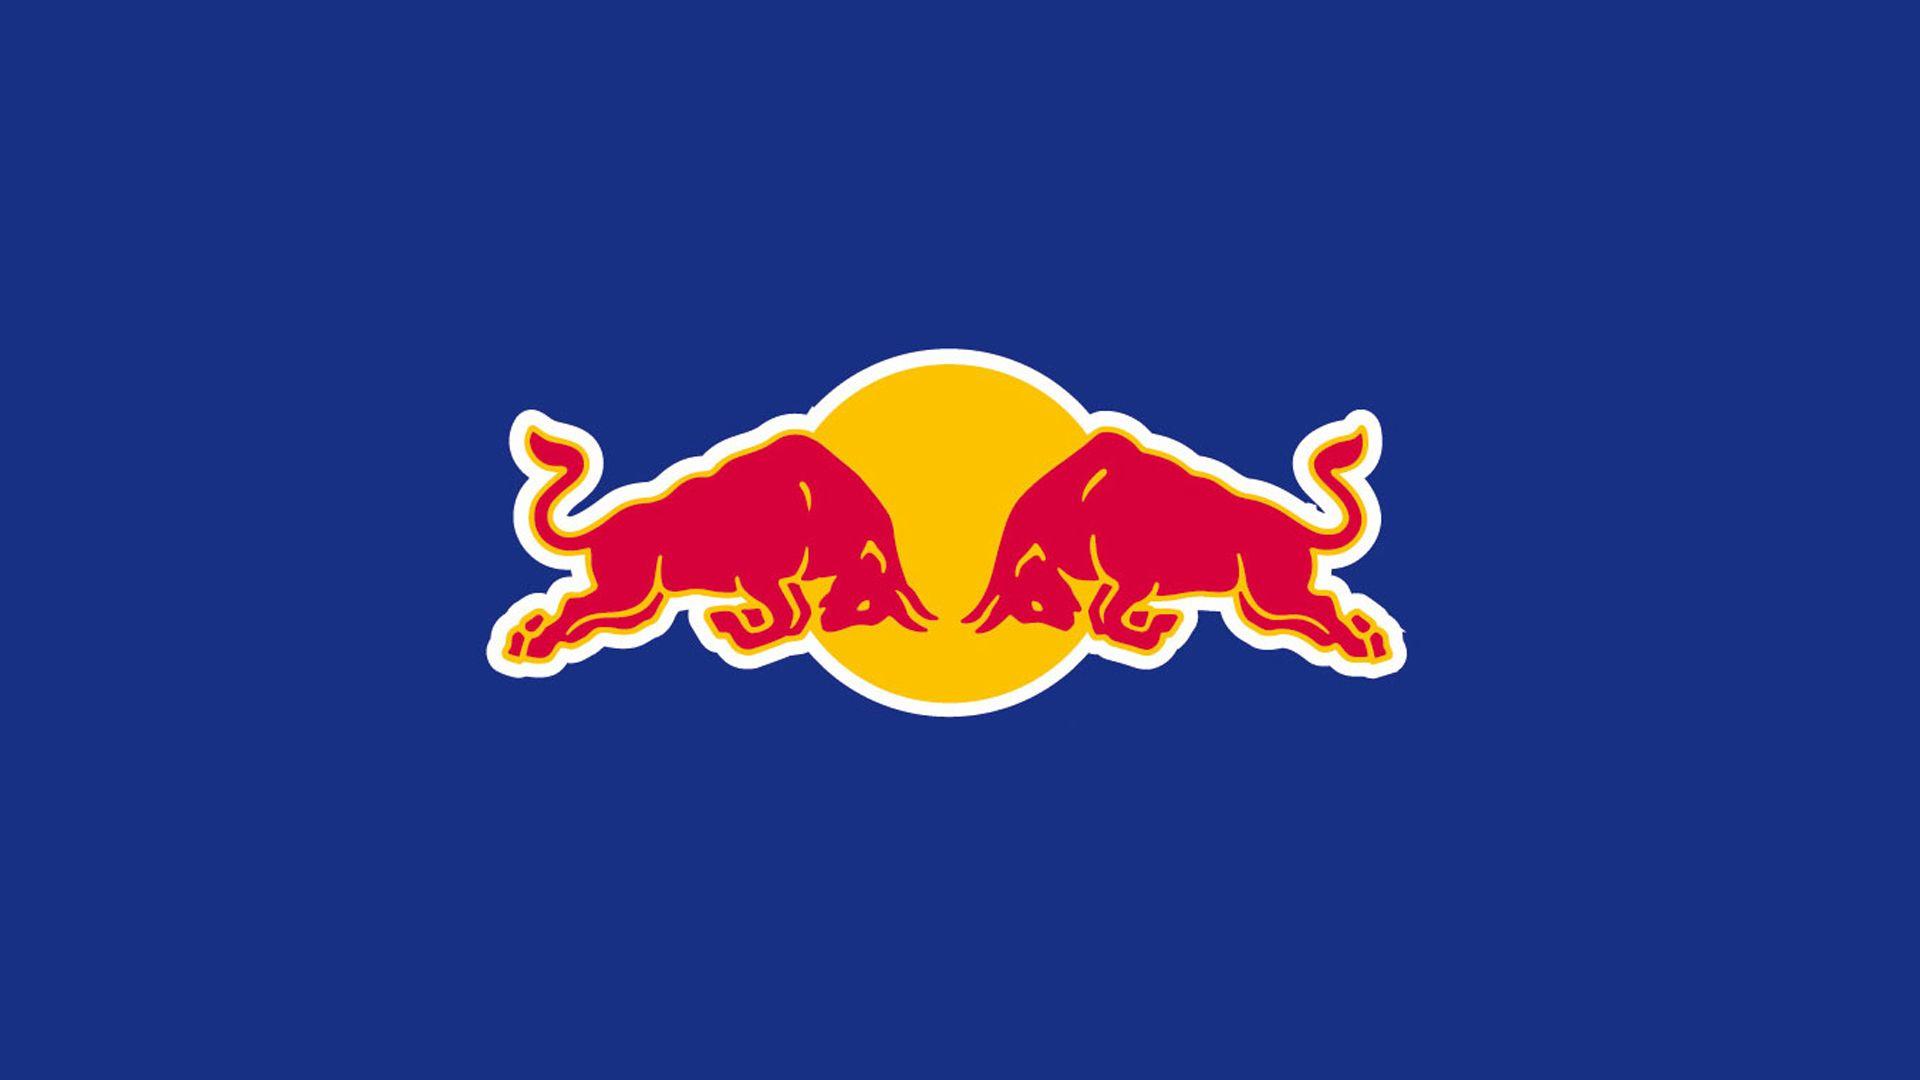 Redbull Jpg 1920 1080 Bulls Wallpaper Bull Logo Red Bull